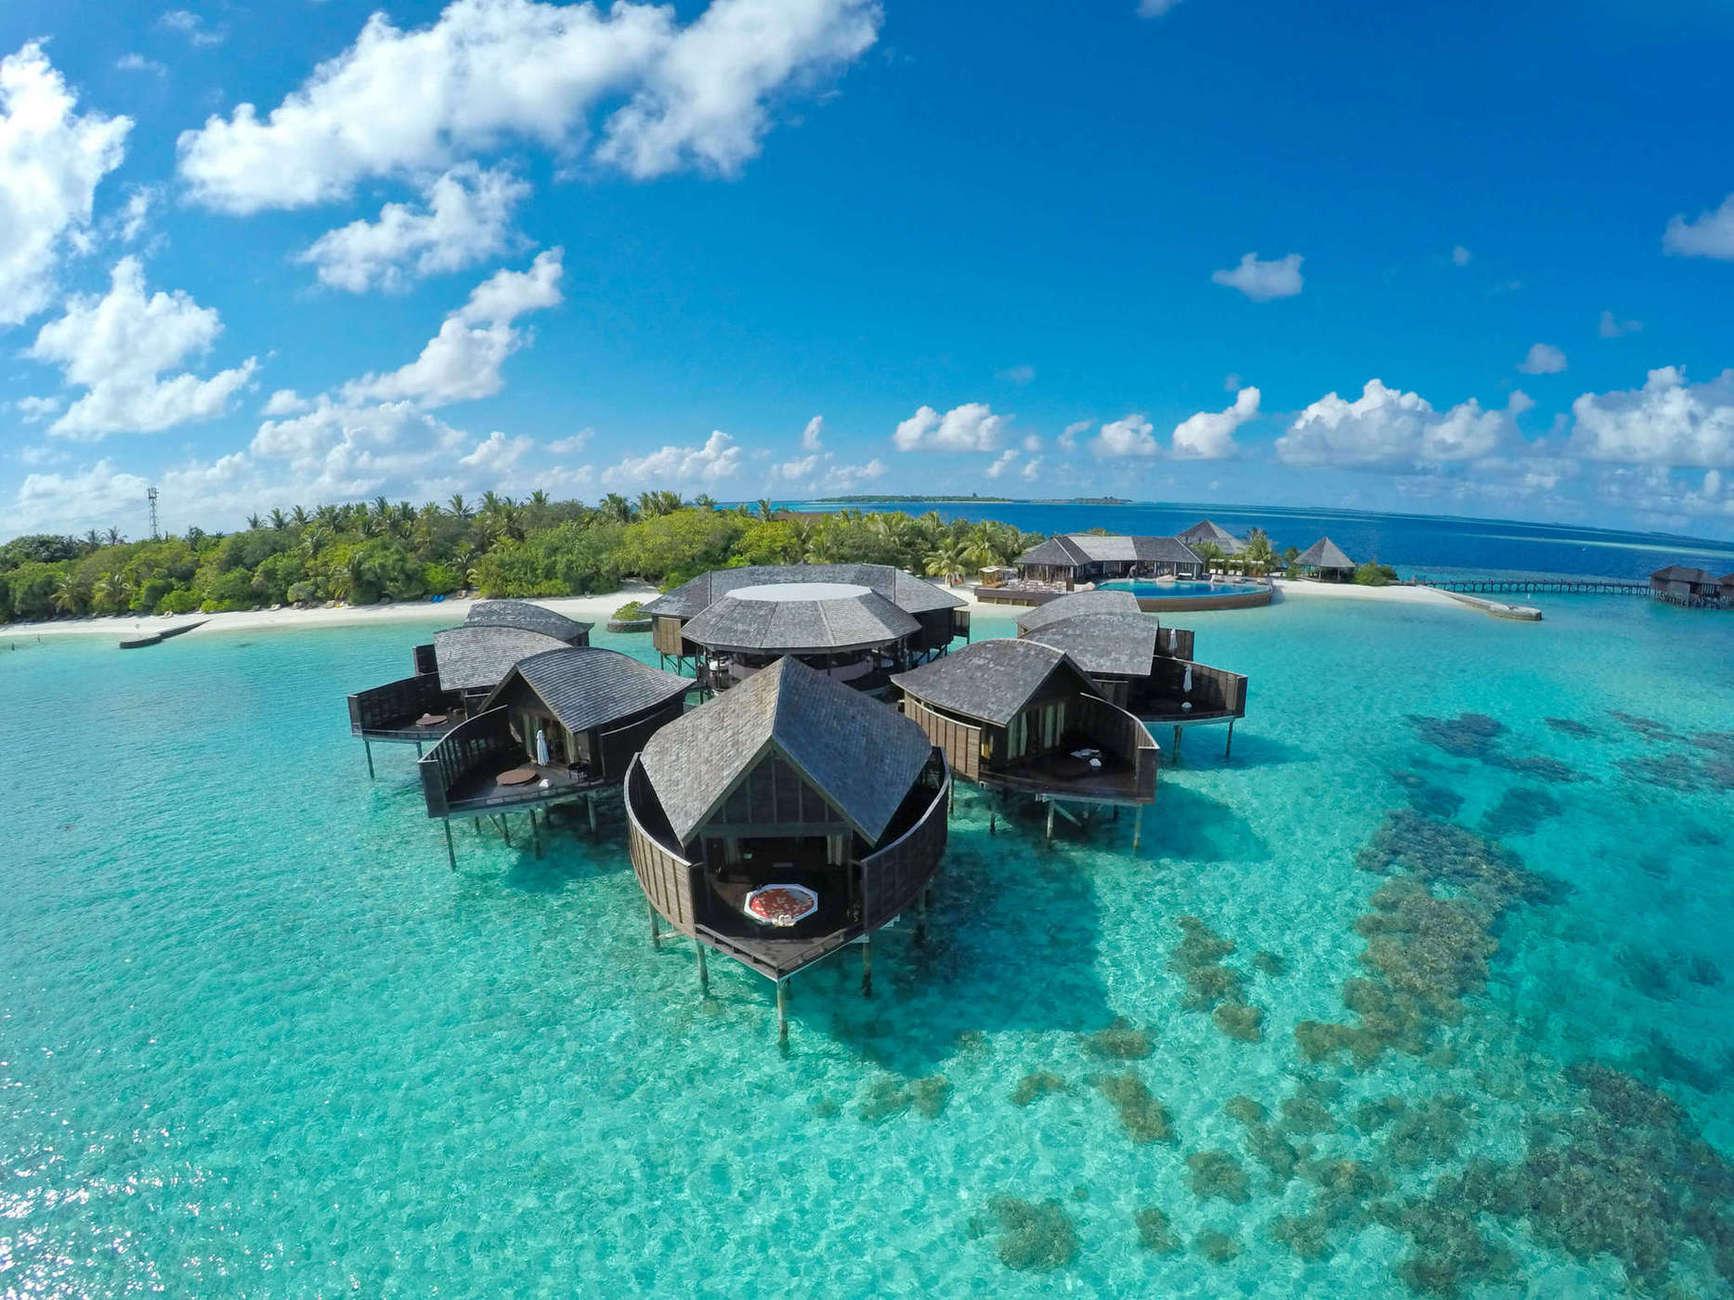 Tamara Spa by Mandara - победитель Всемирной премии «Luxury Spa Awards 2017» в категории «Лучший курорт класса Luxury» на островах Индийского океана.